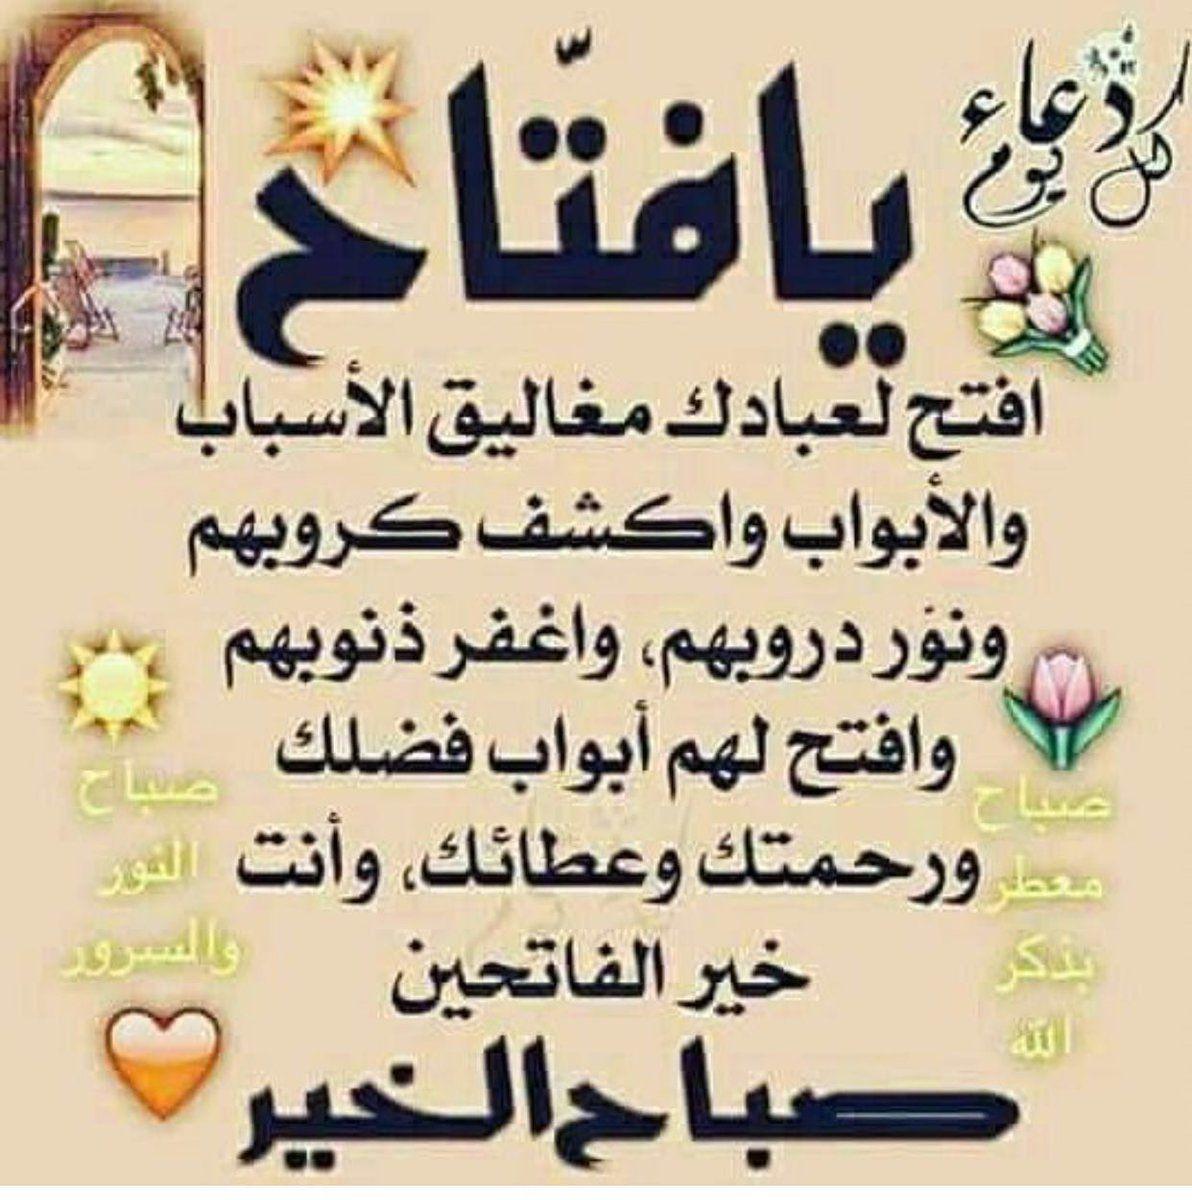 المحامي راشد السويدي Alsowidirashid1 Twitter Good Morning Friends Quotes Islamic Images Good Morning Good Night